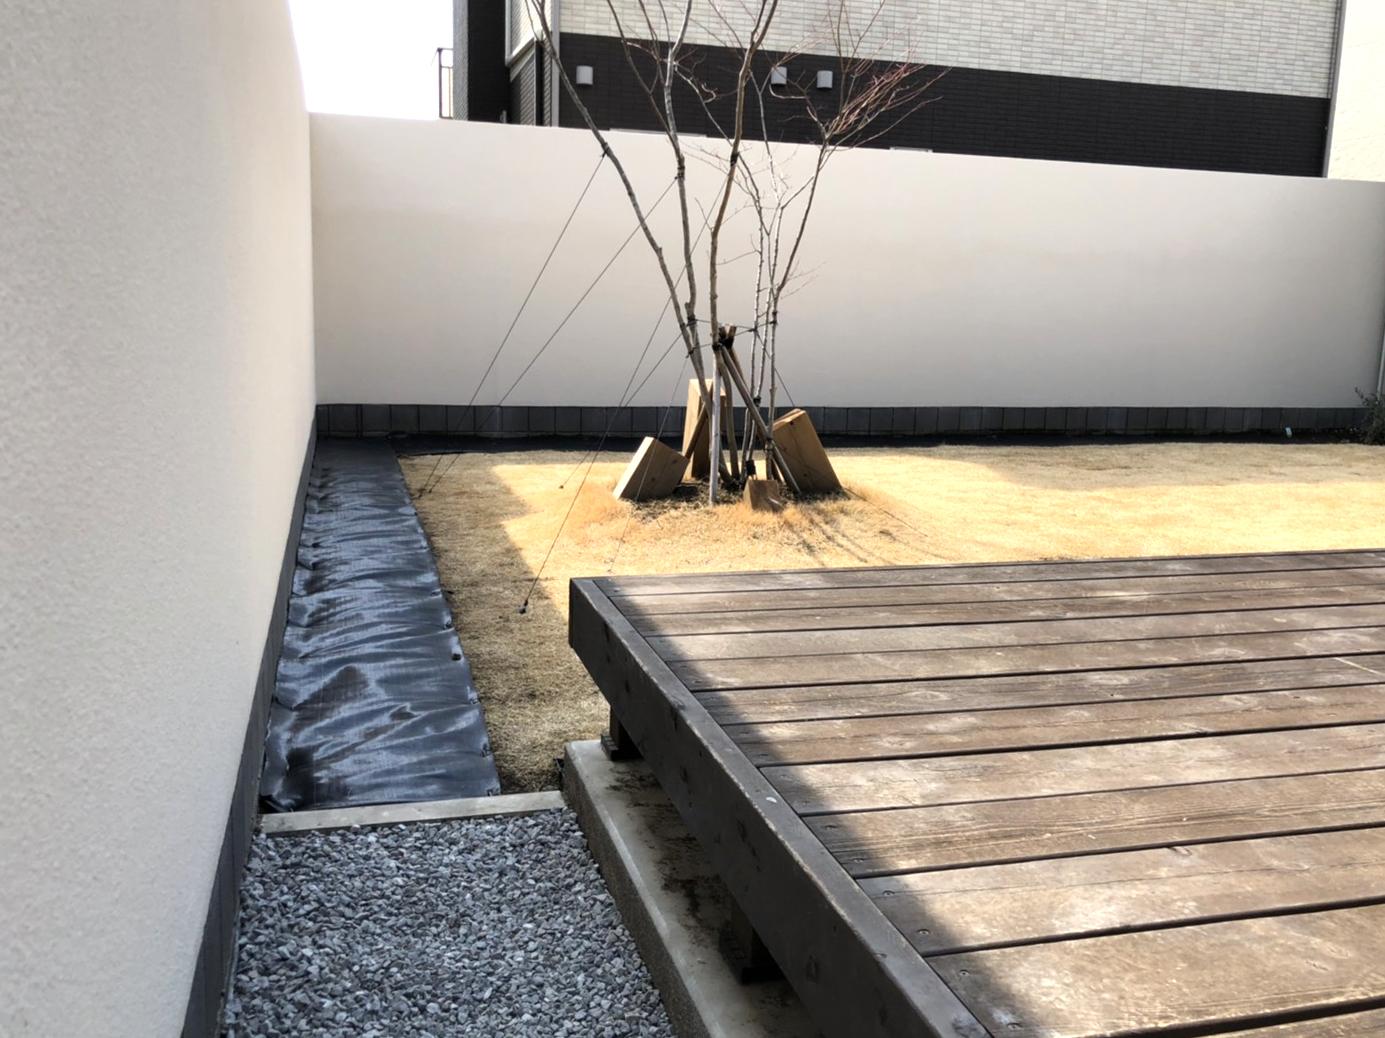 群馬県 株式会社 高美装 グランドアートウォール施工イメージ516_01